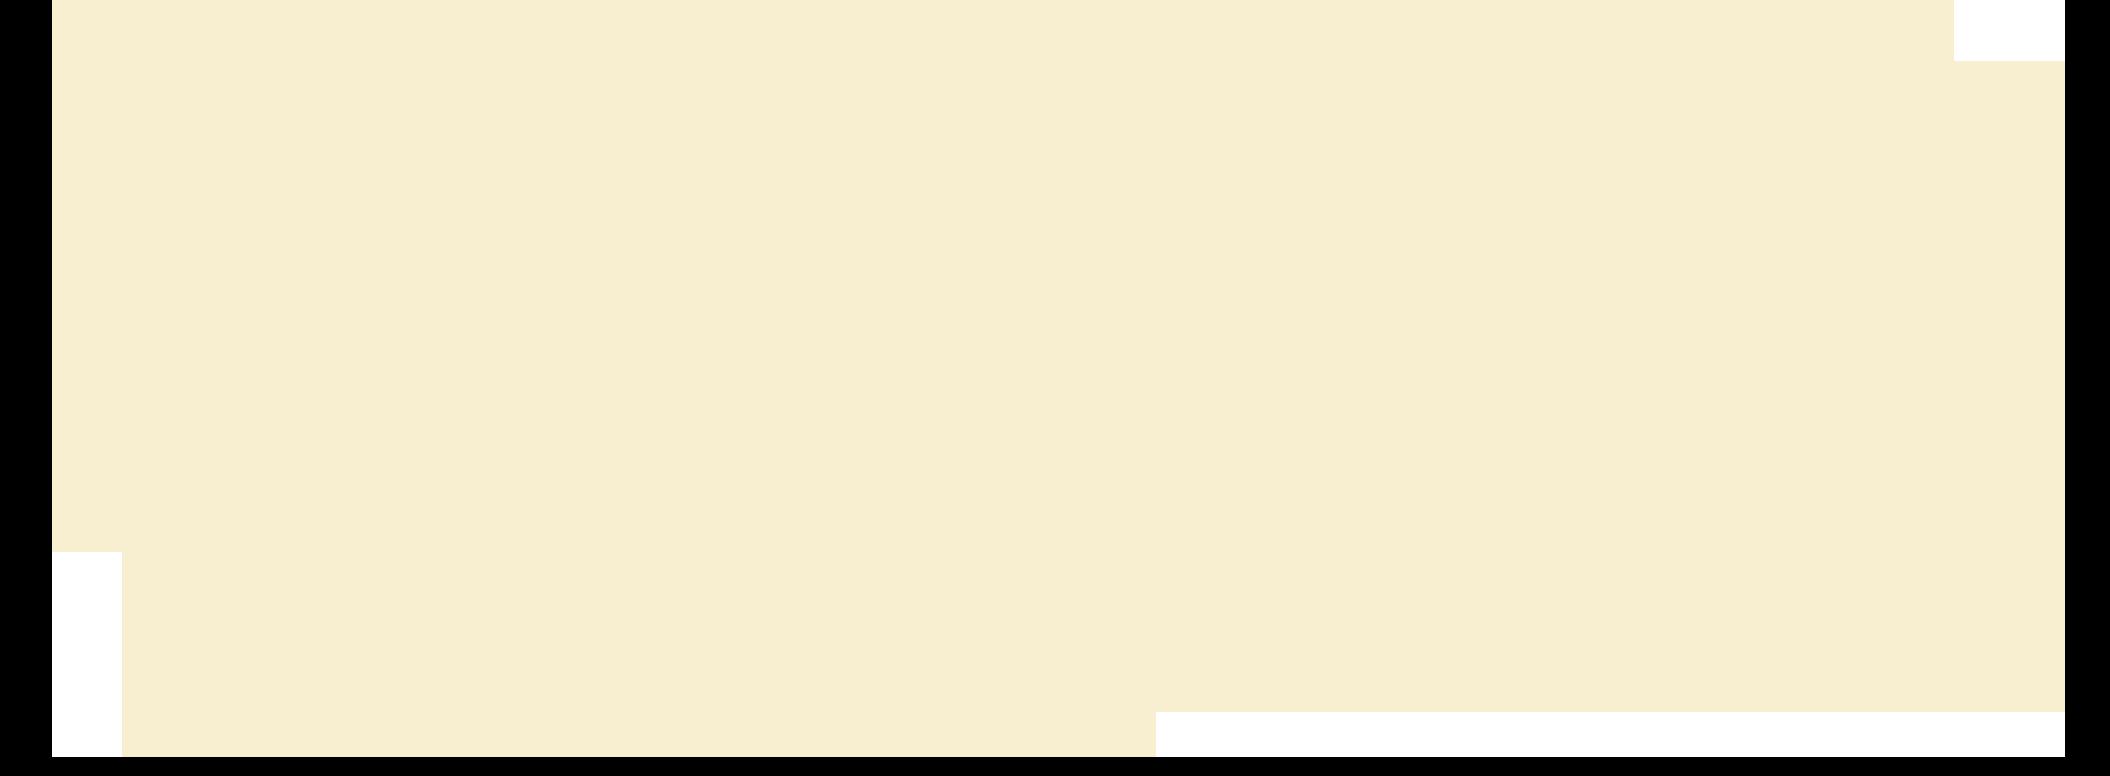 https://www.artisteotaller.com/wp-content/uploads/2021/01/tachado-big1.png